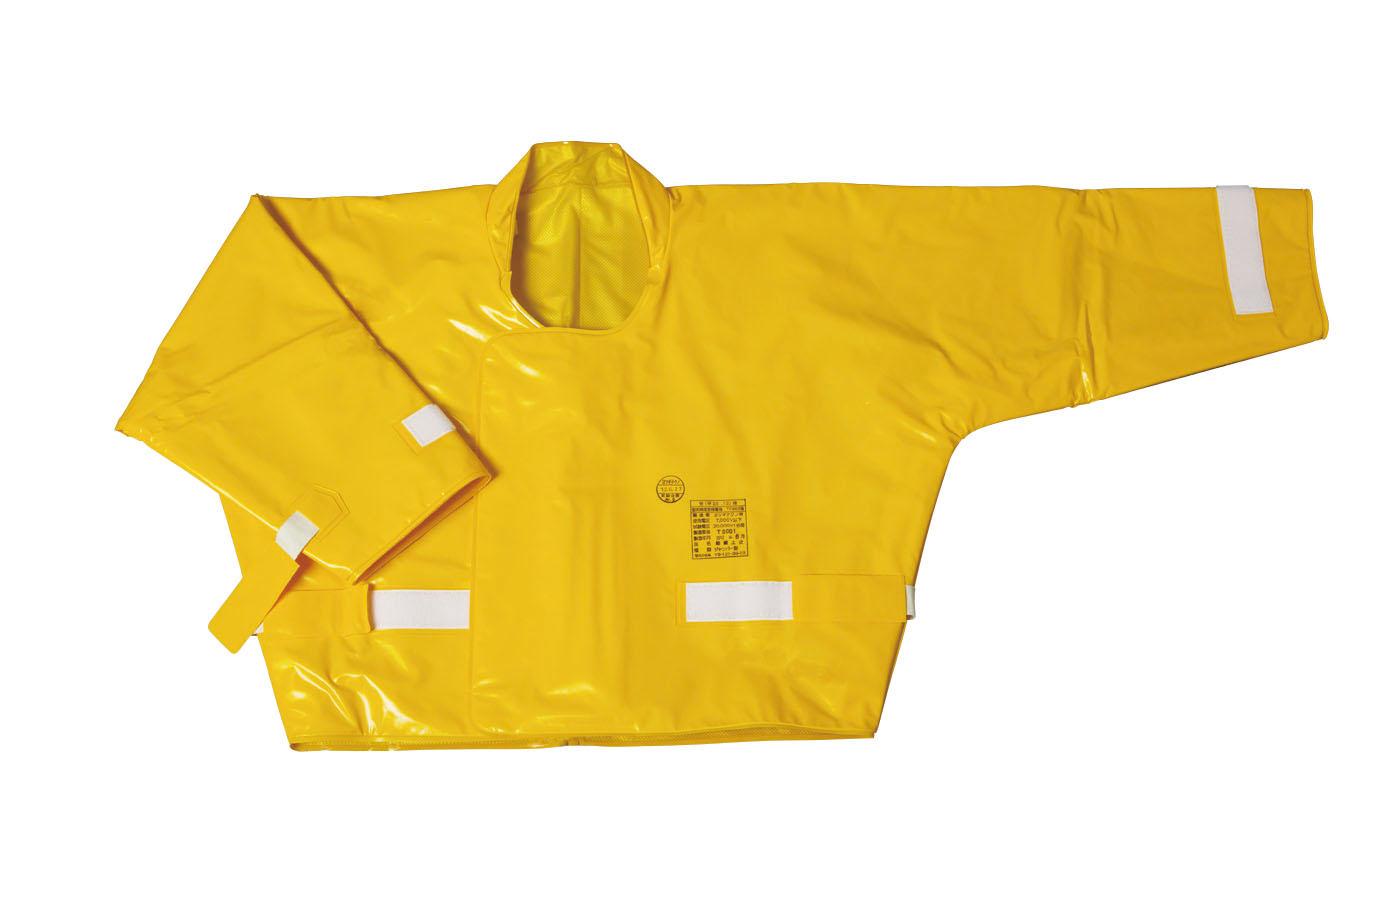 絶縁上衣(ジャンパー型)